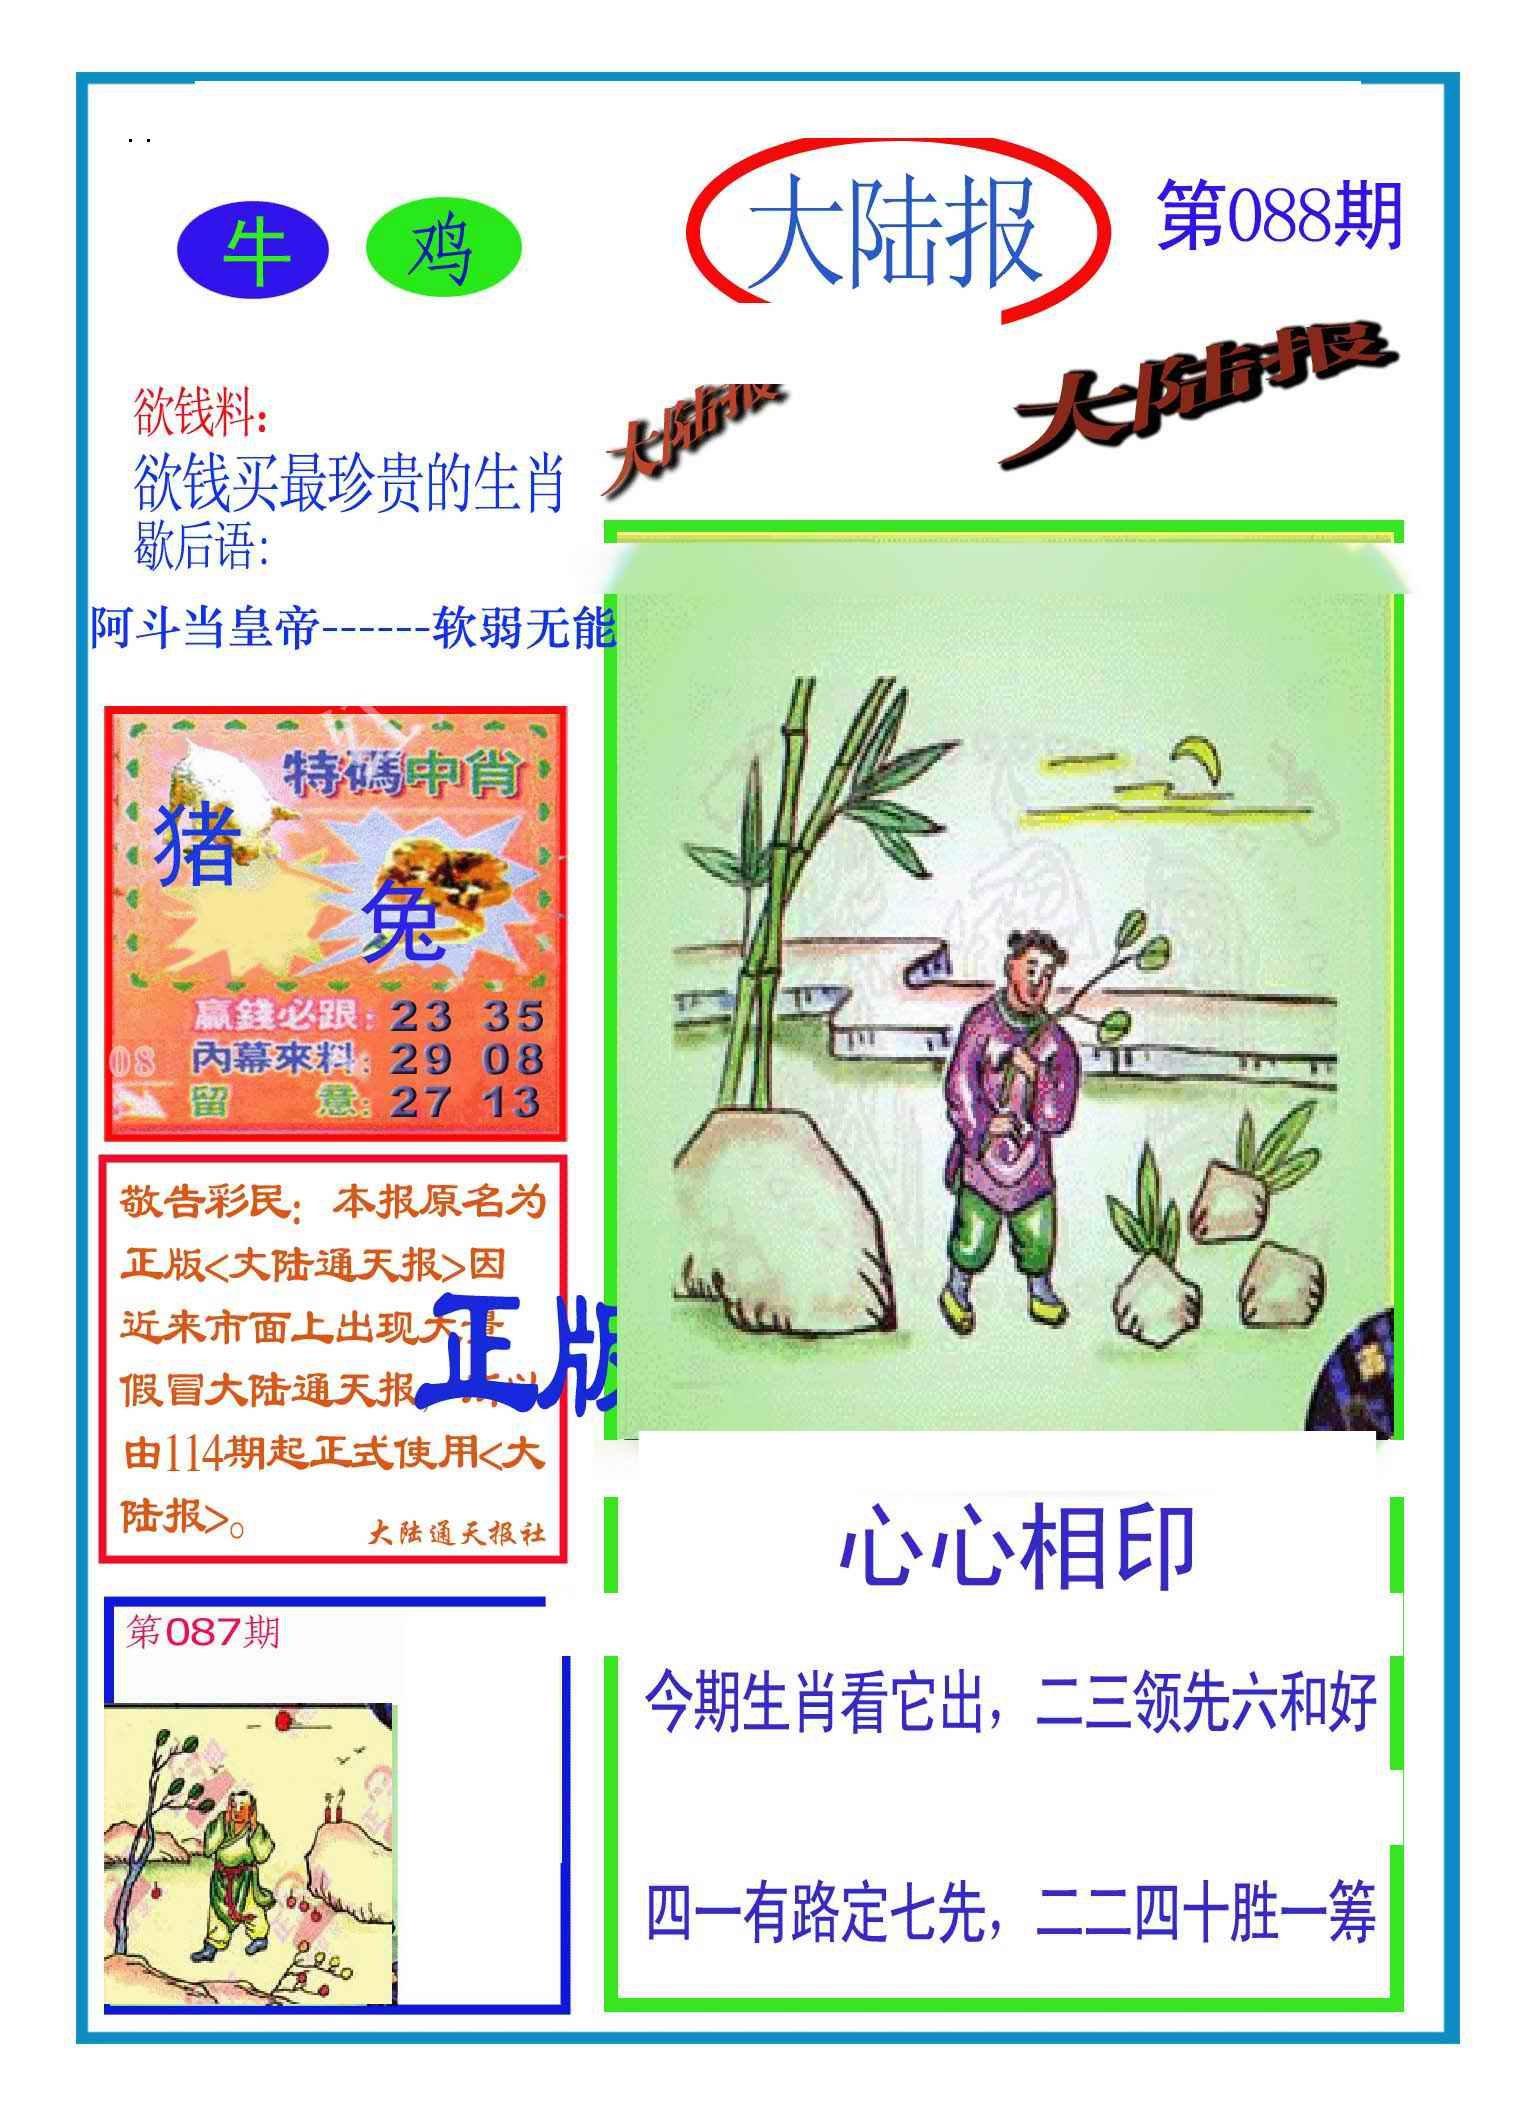 088期大陆报(新图)